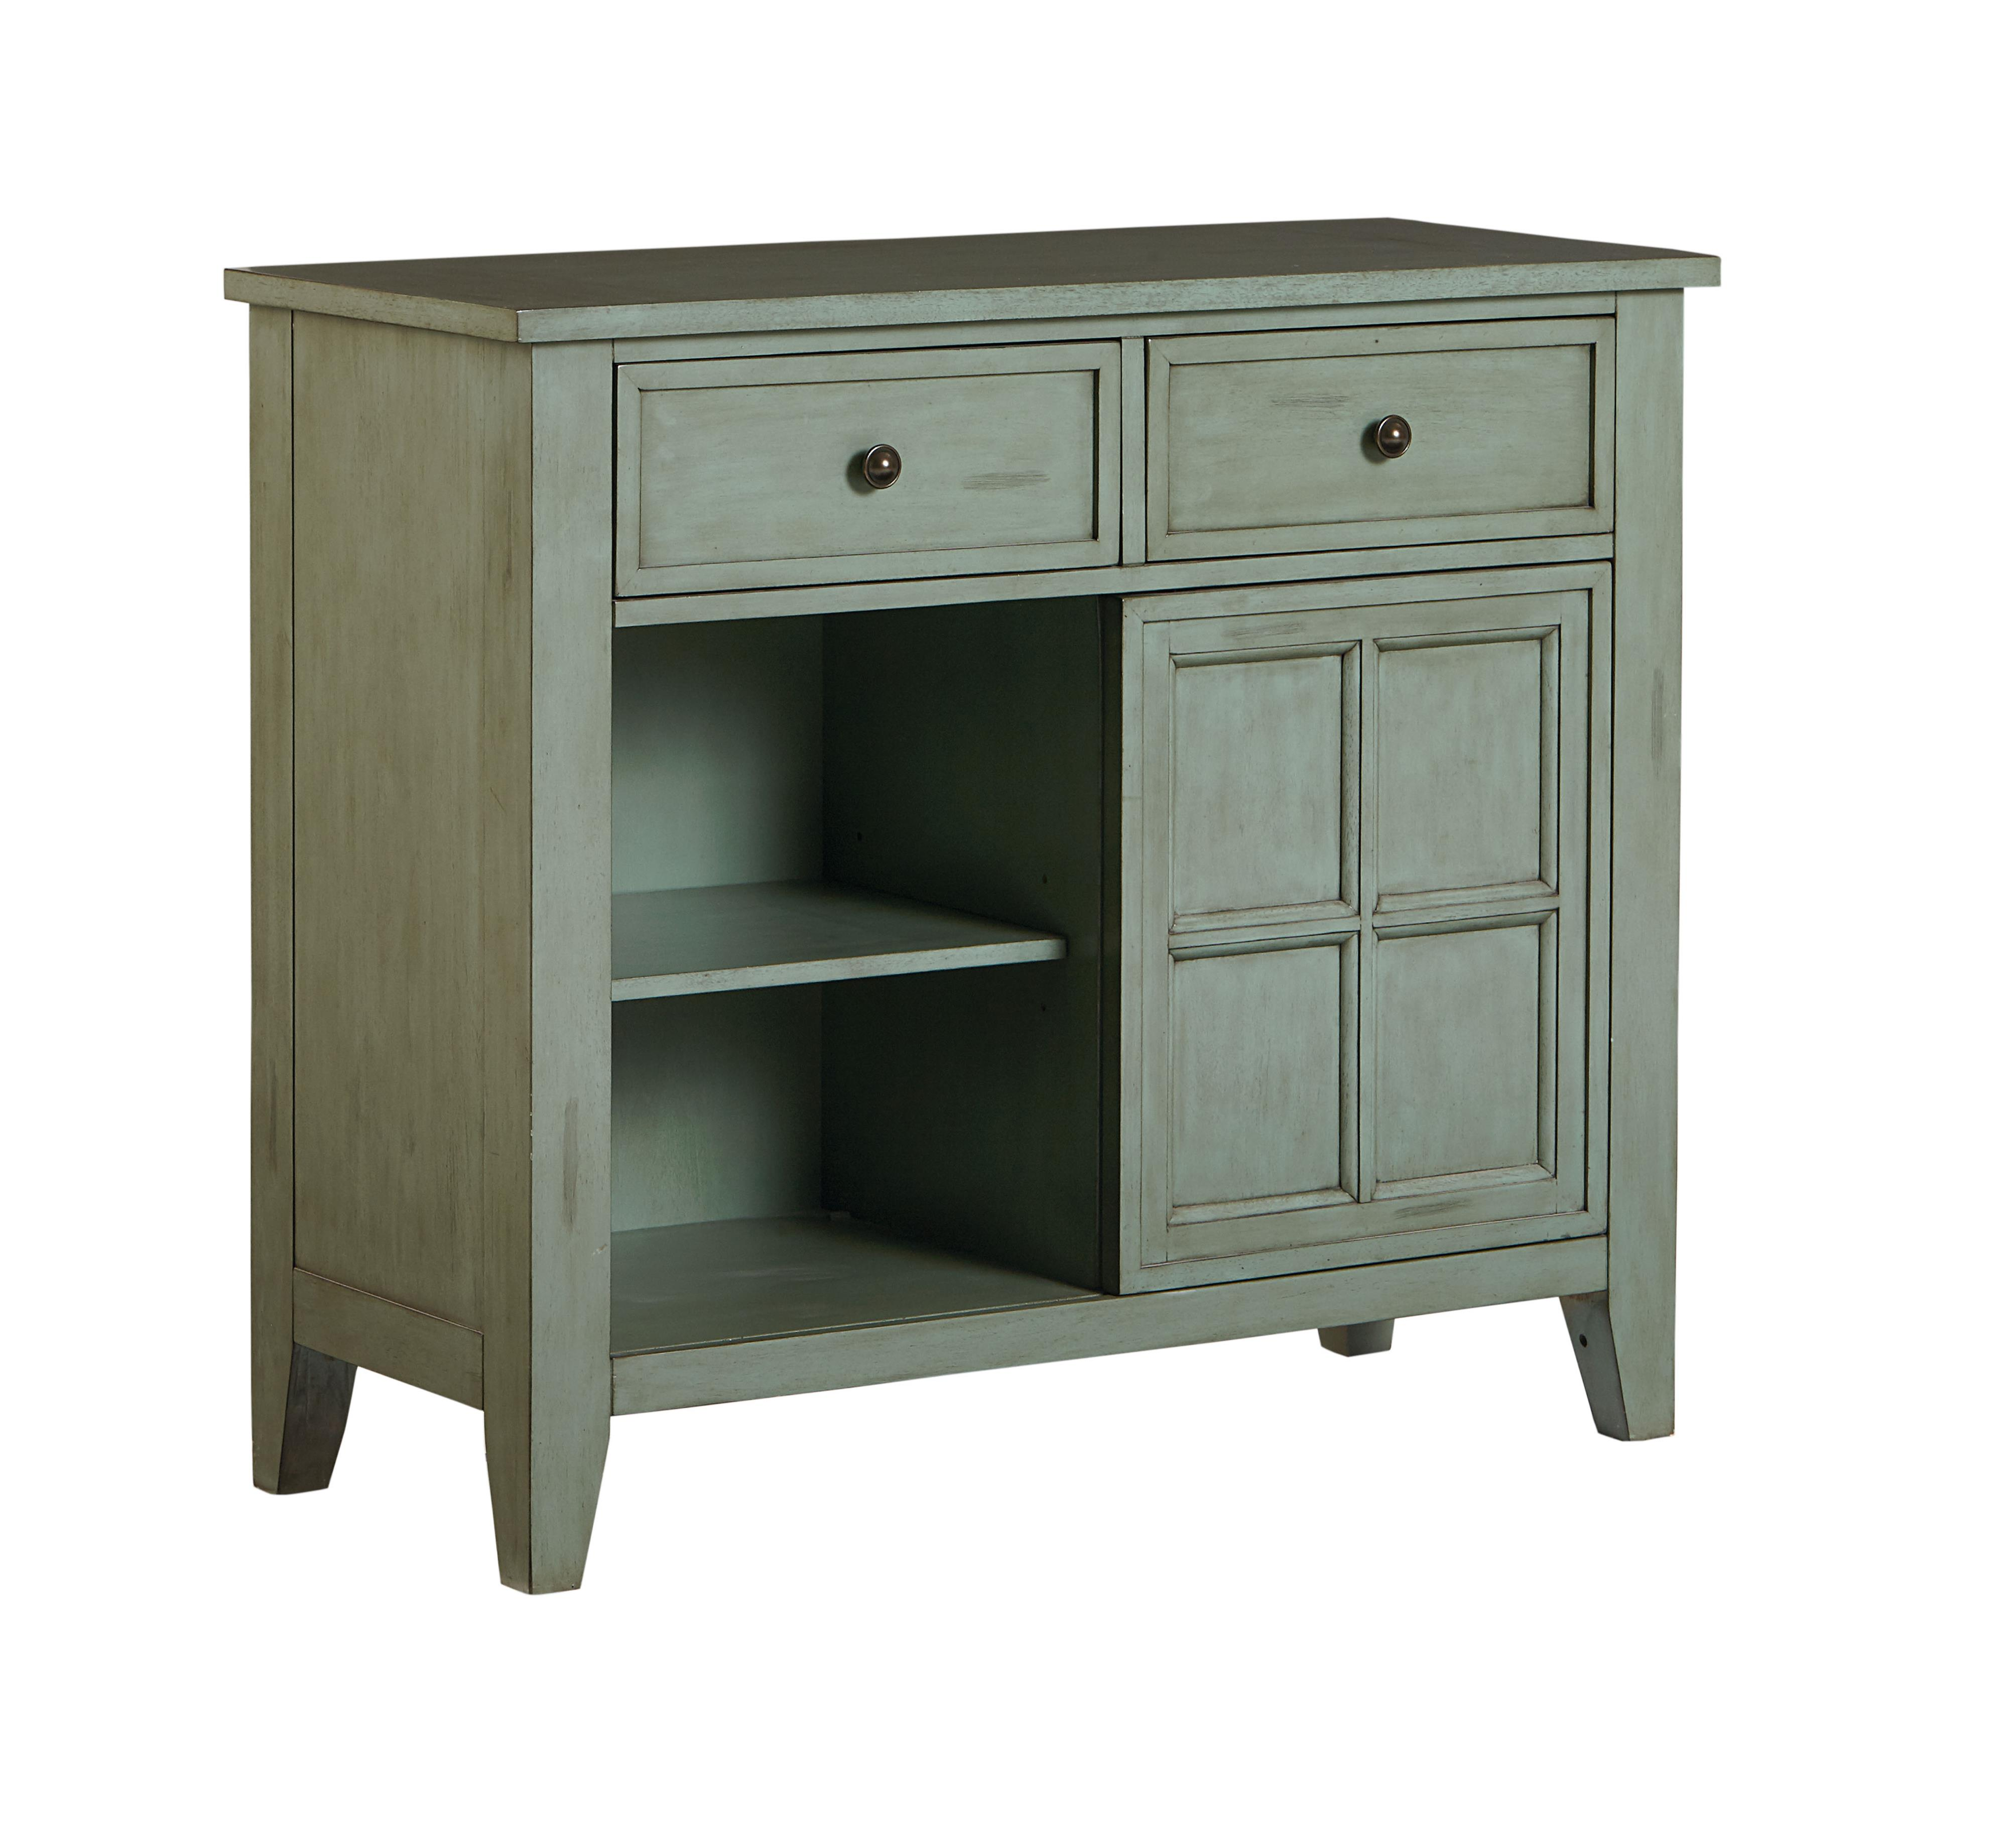 standard furniture vintage sideboard